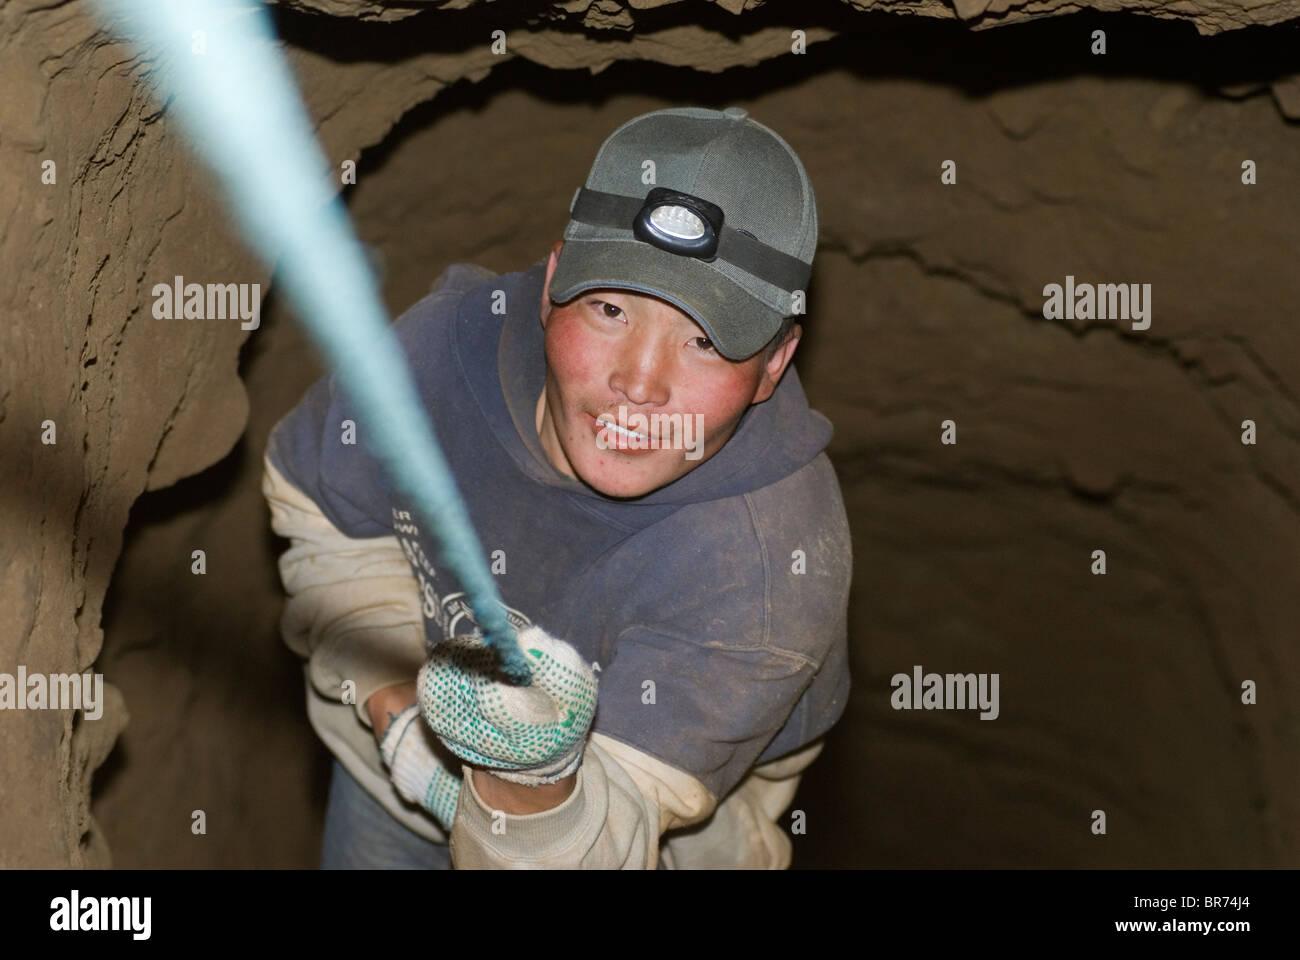 Artisan gold mining Mongolia - Stock Image